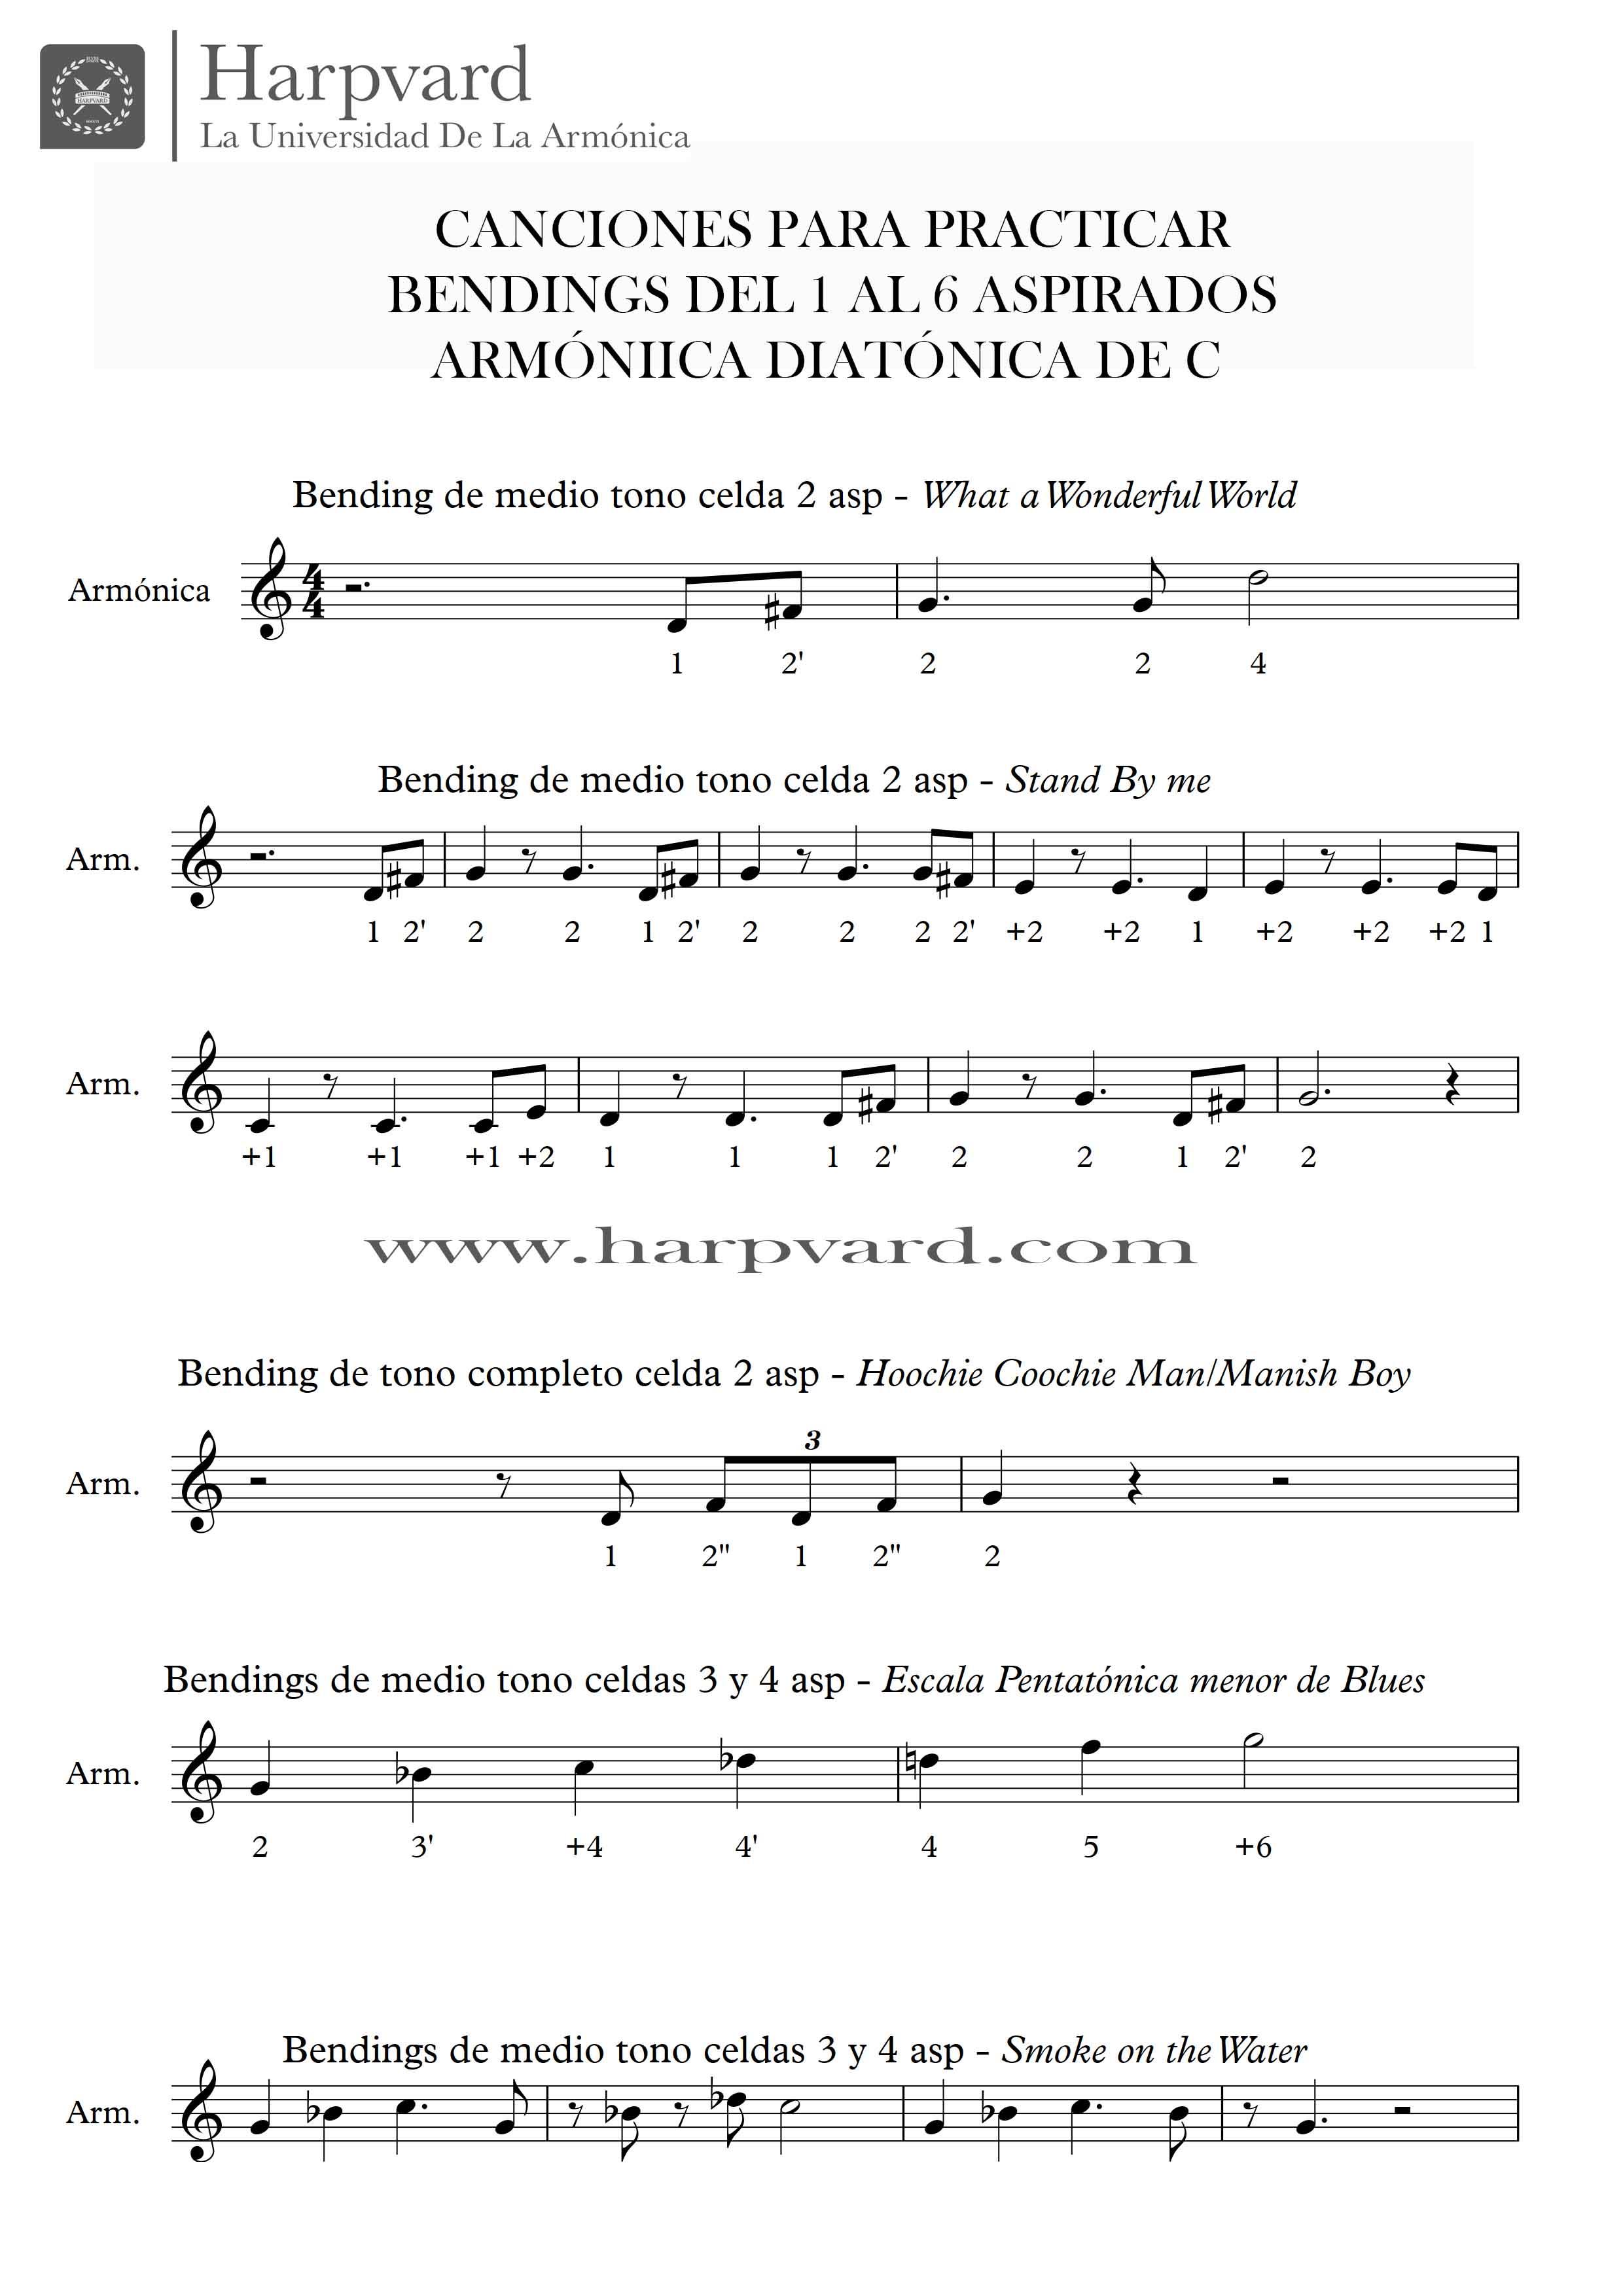 partitura web 1